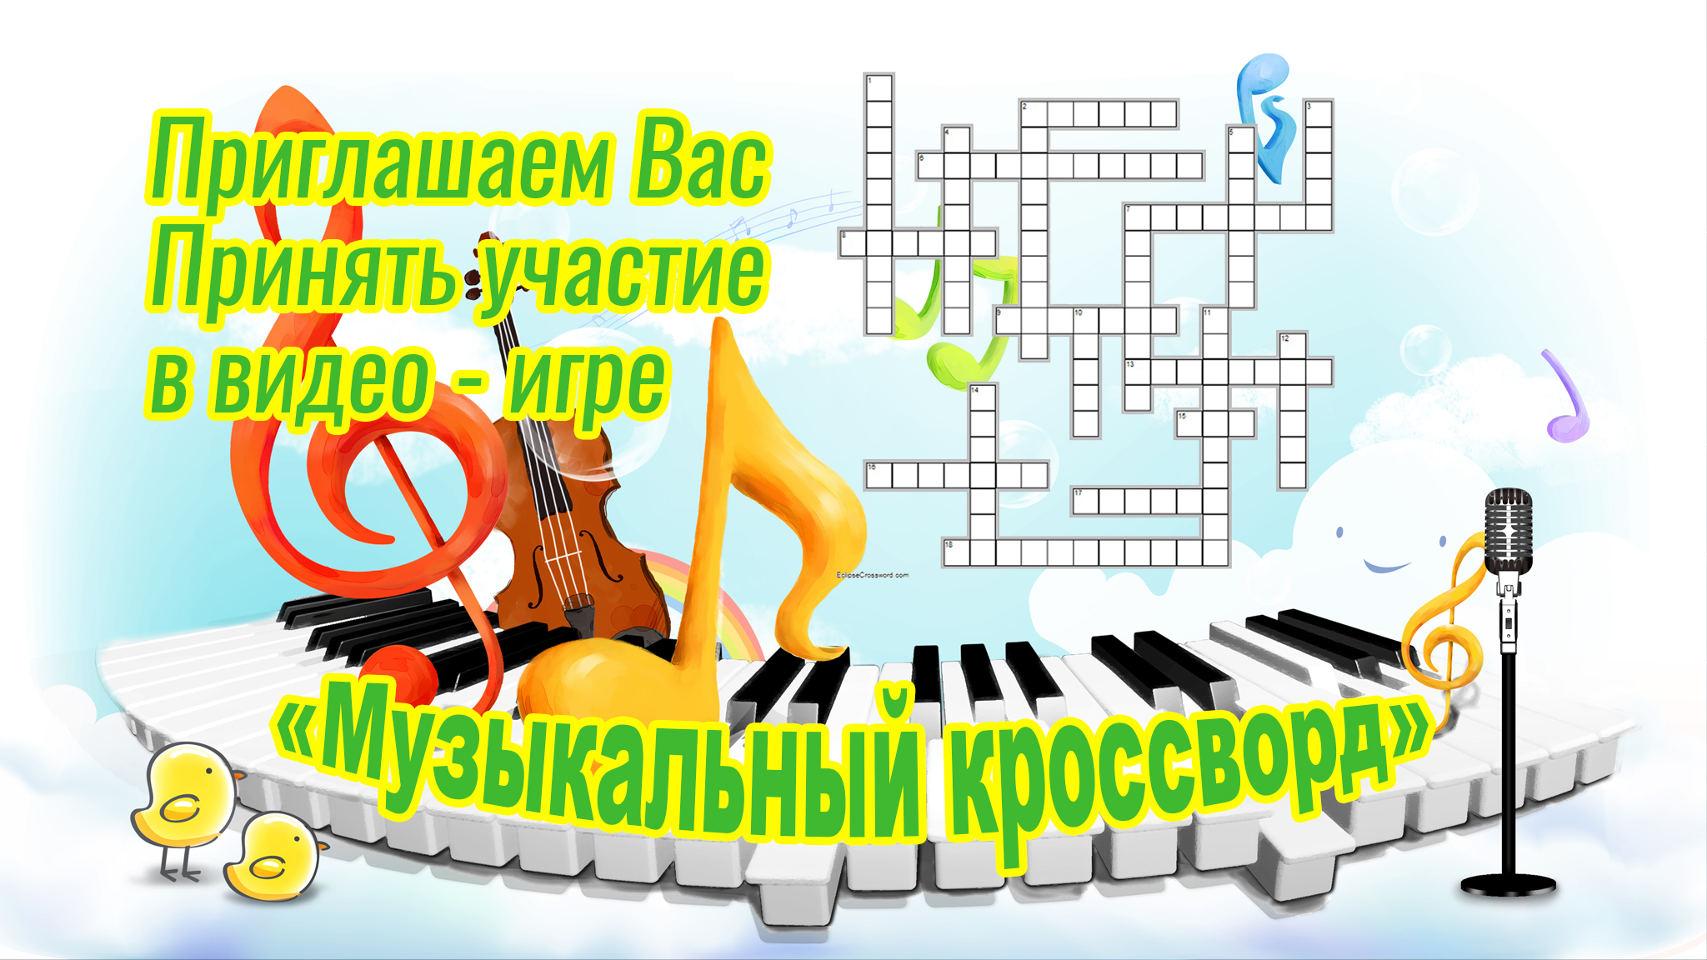 Видео-игра «Музыкальный кроссворд»